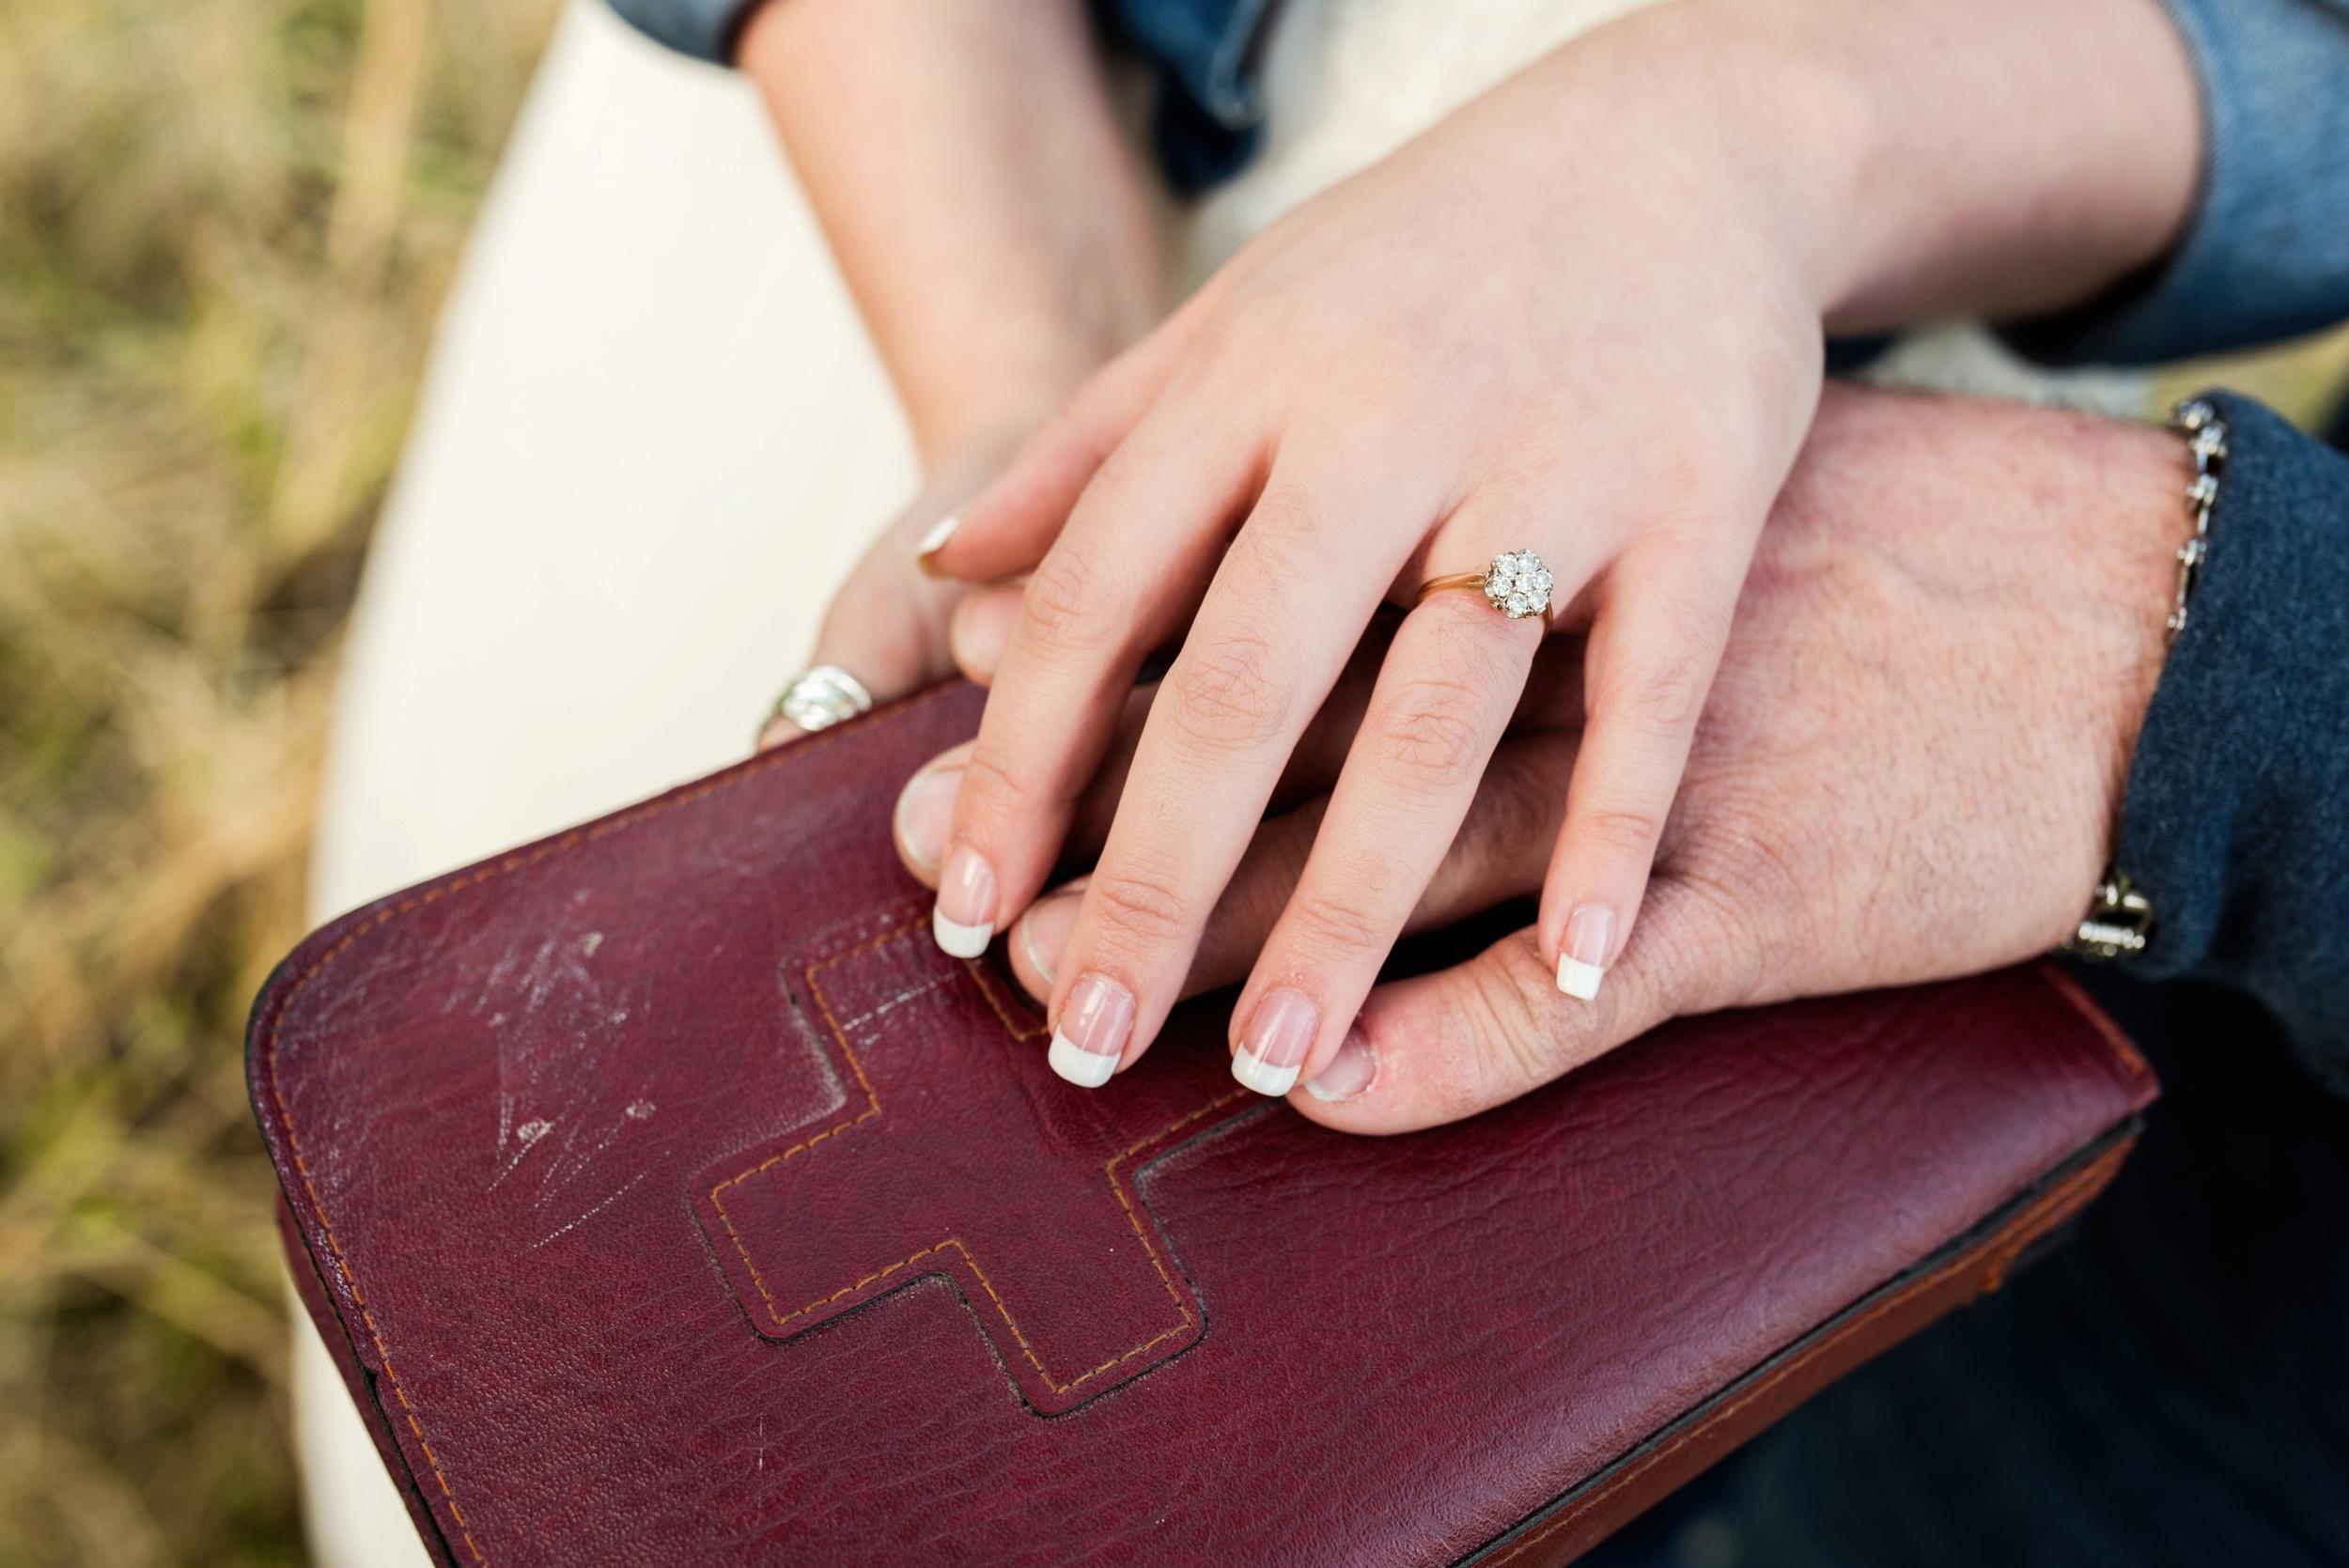 BibleEngagementPhotos.jpg